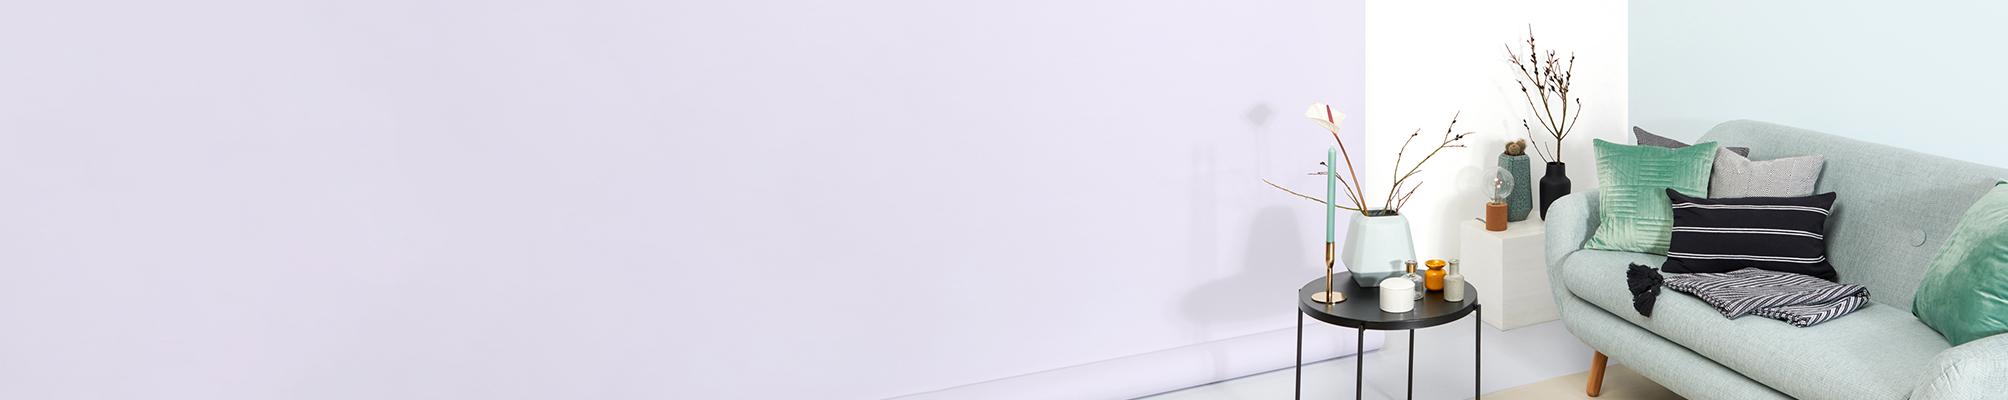 lichtboxen - Herobanner - HEMA